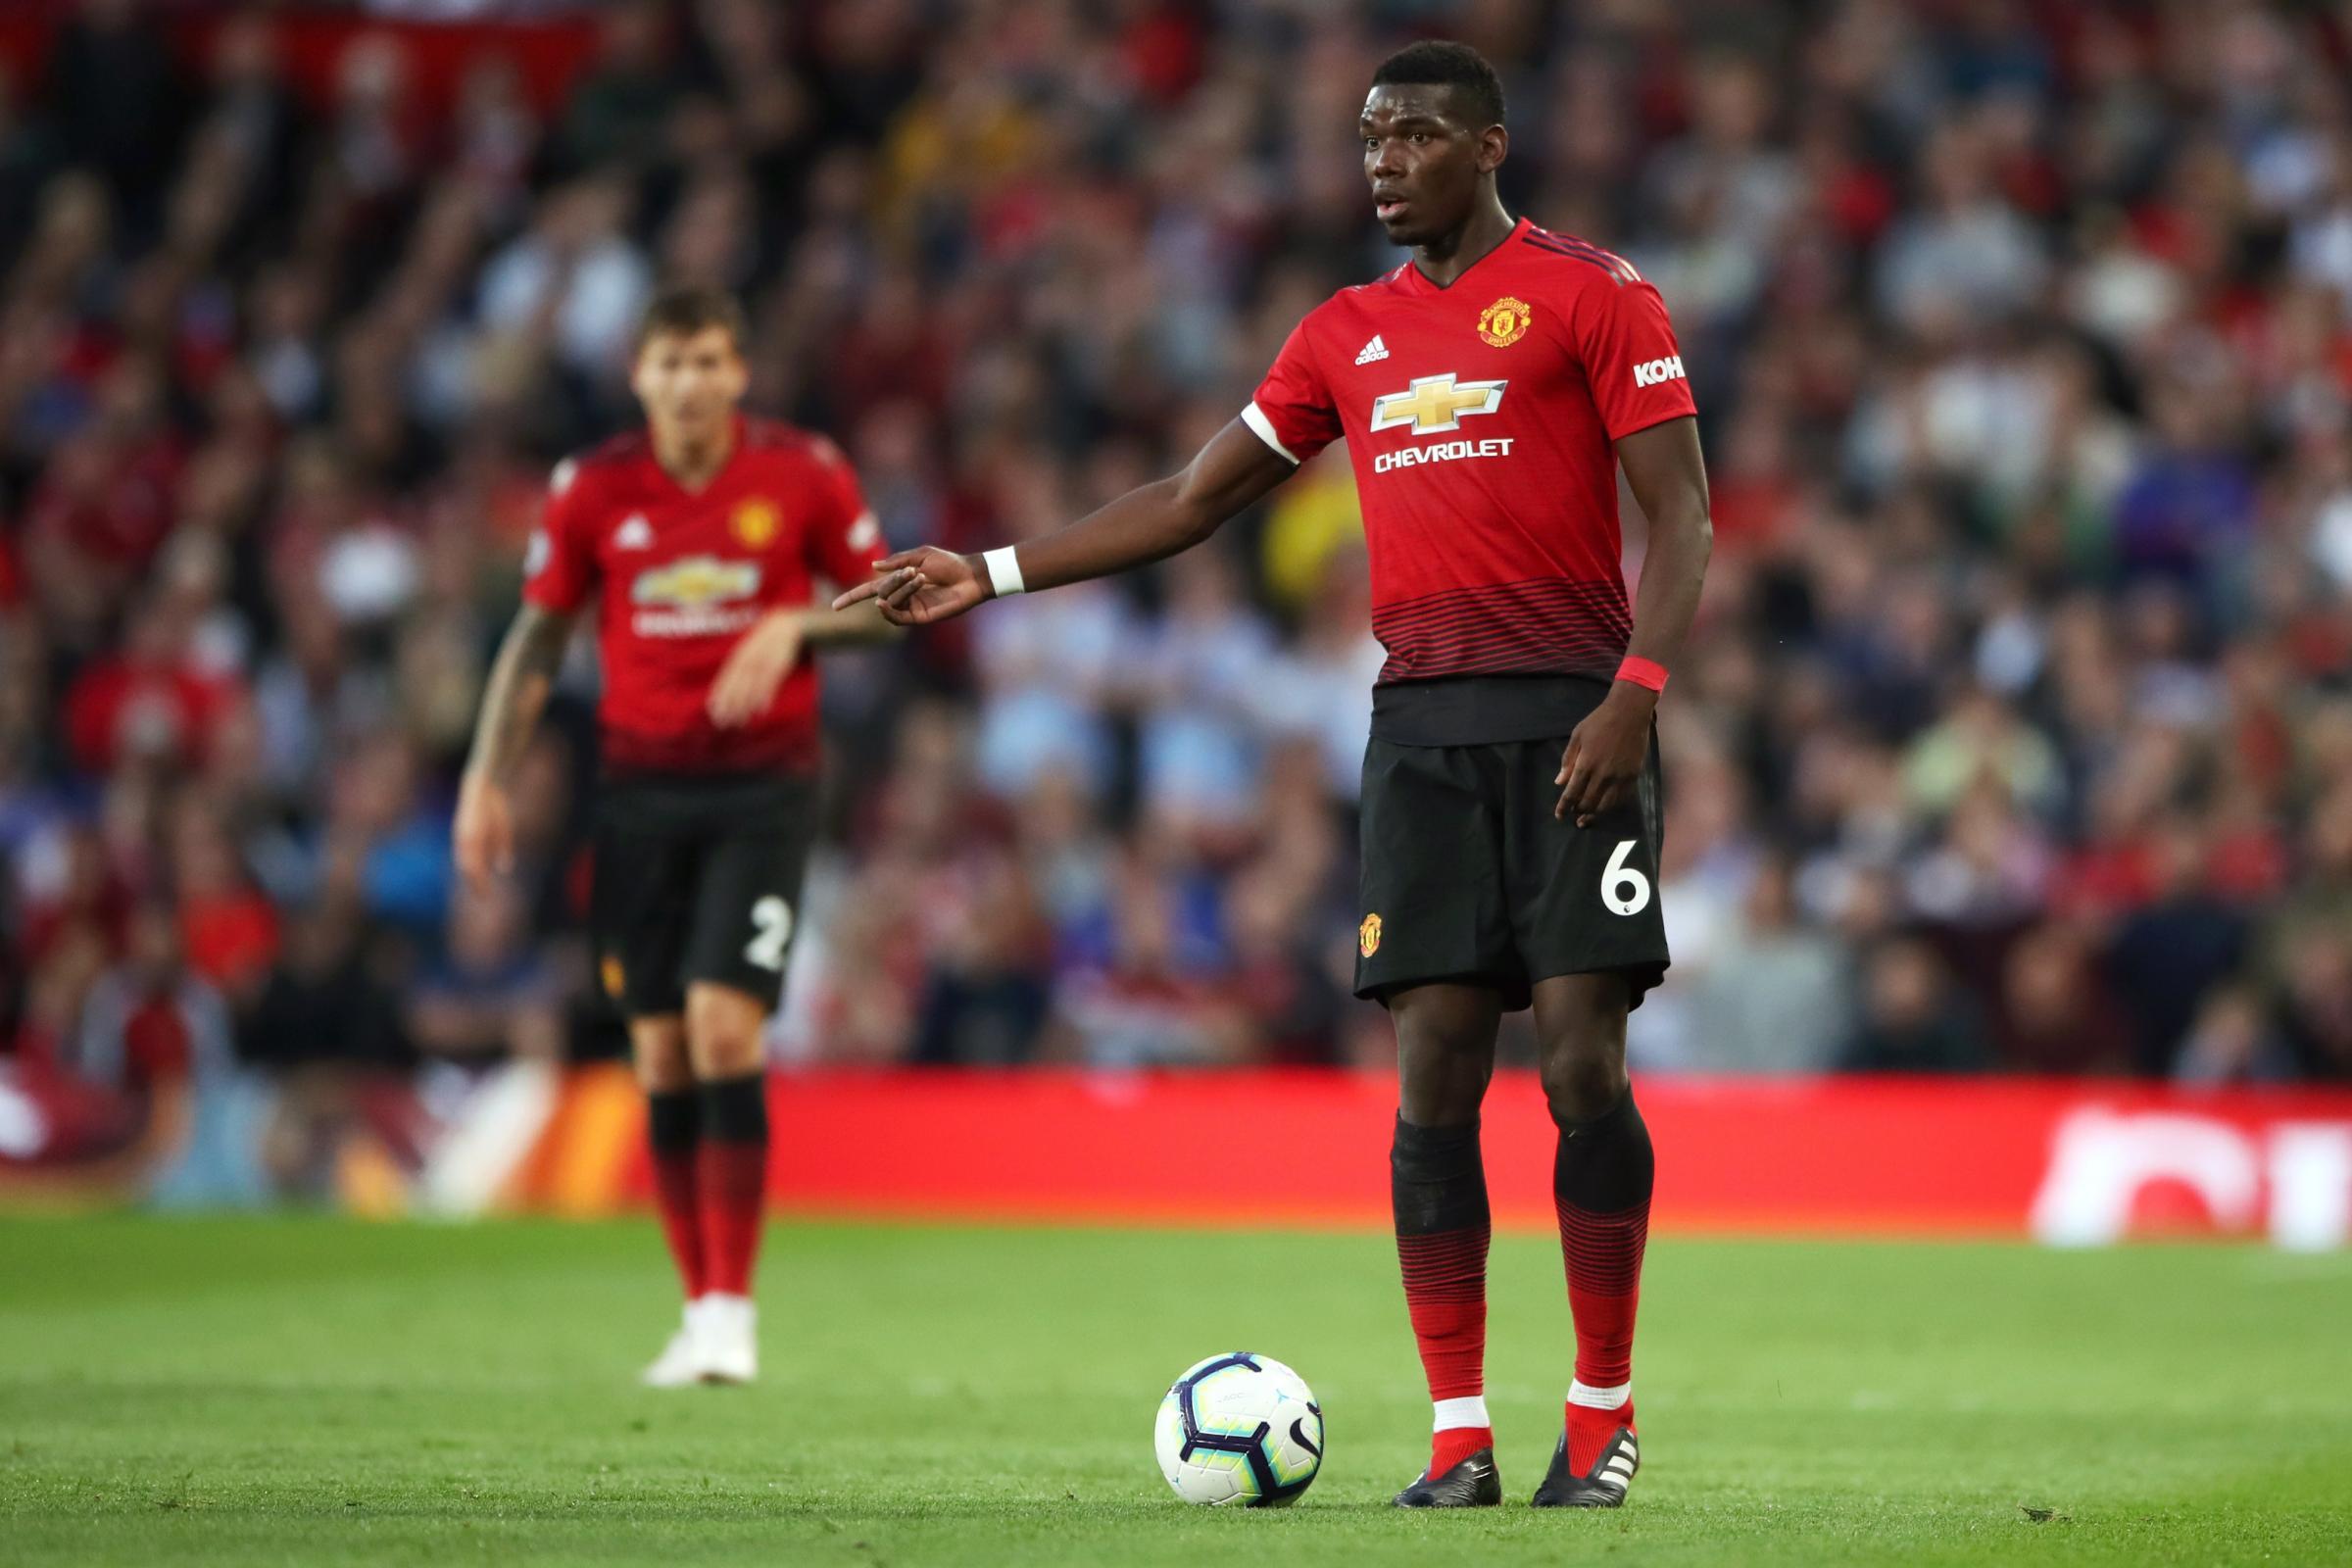 Jose Mourinho reacts after Paul Pogba's